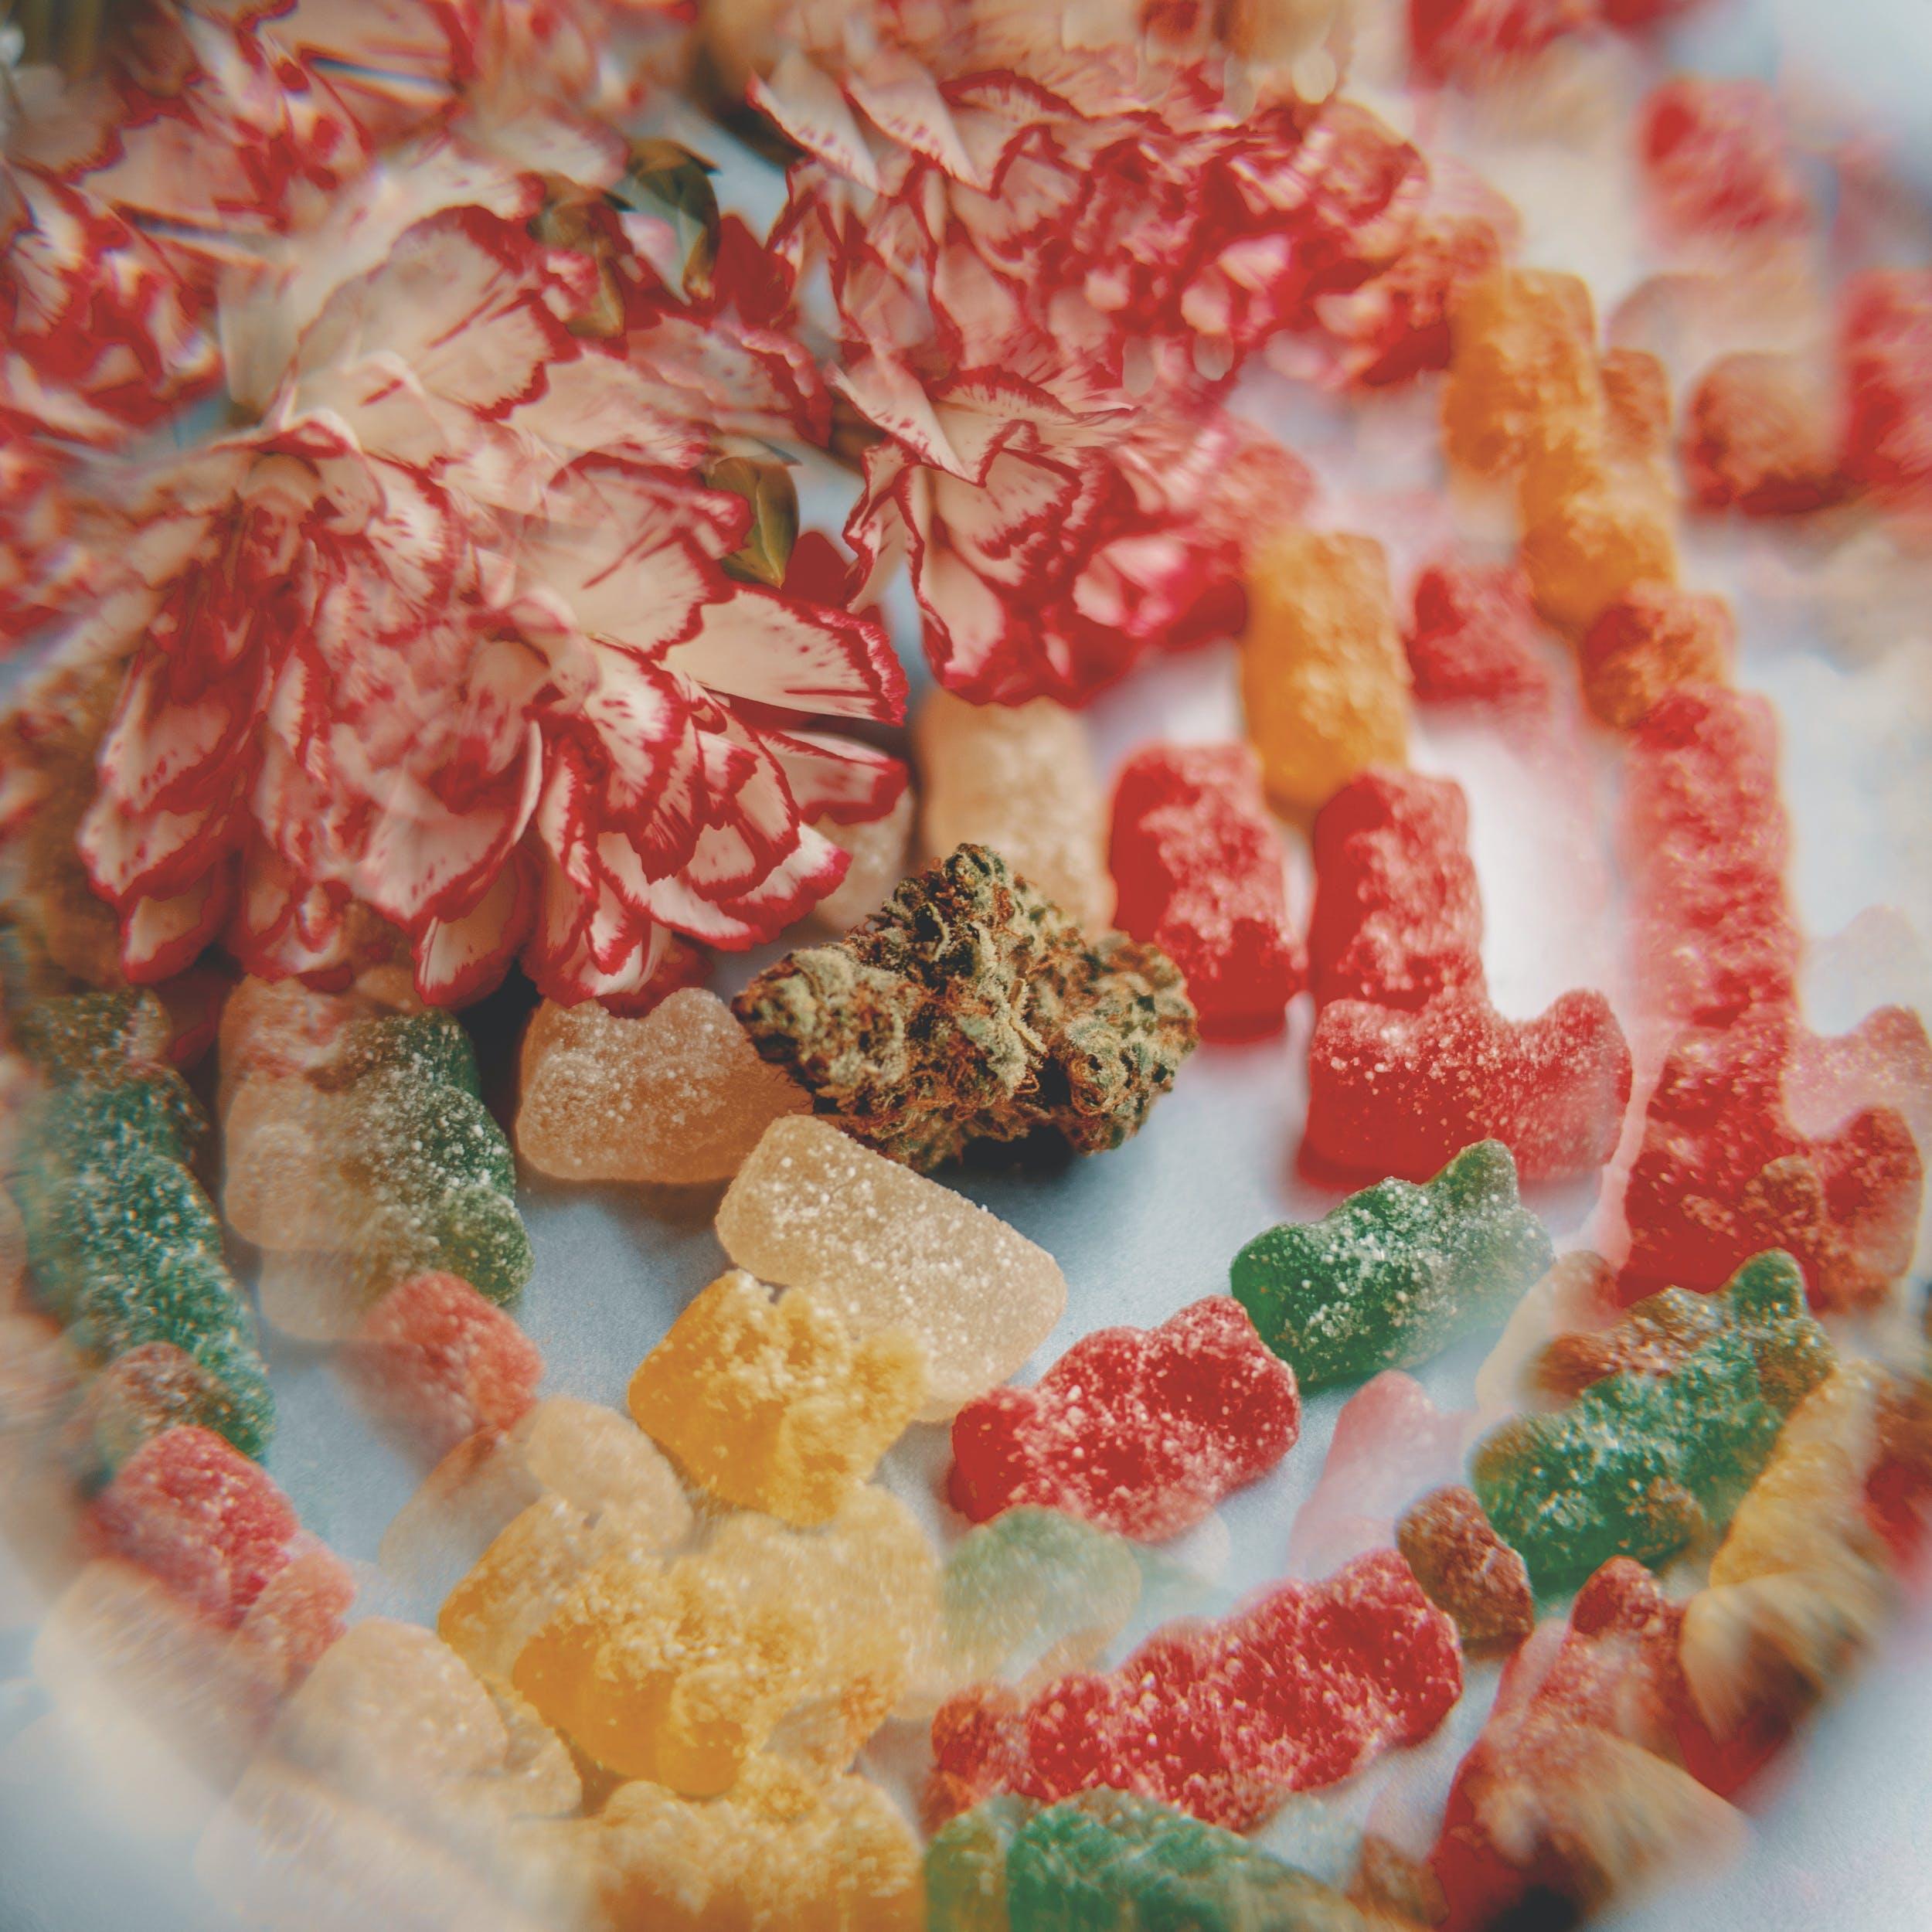 Best CBD Gummies 7 Love Edibles but not THC? Here are the Best CBD Gummies